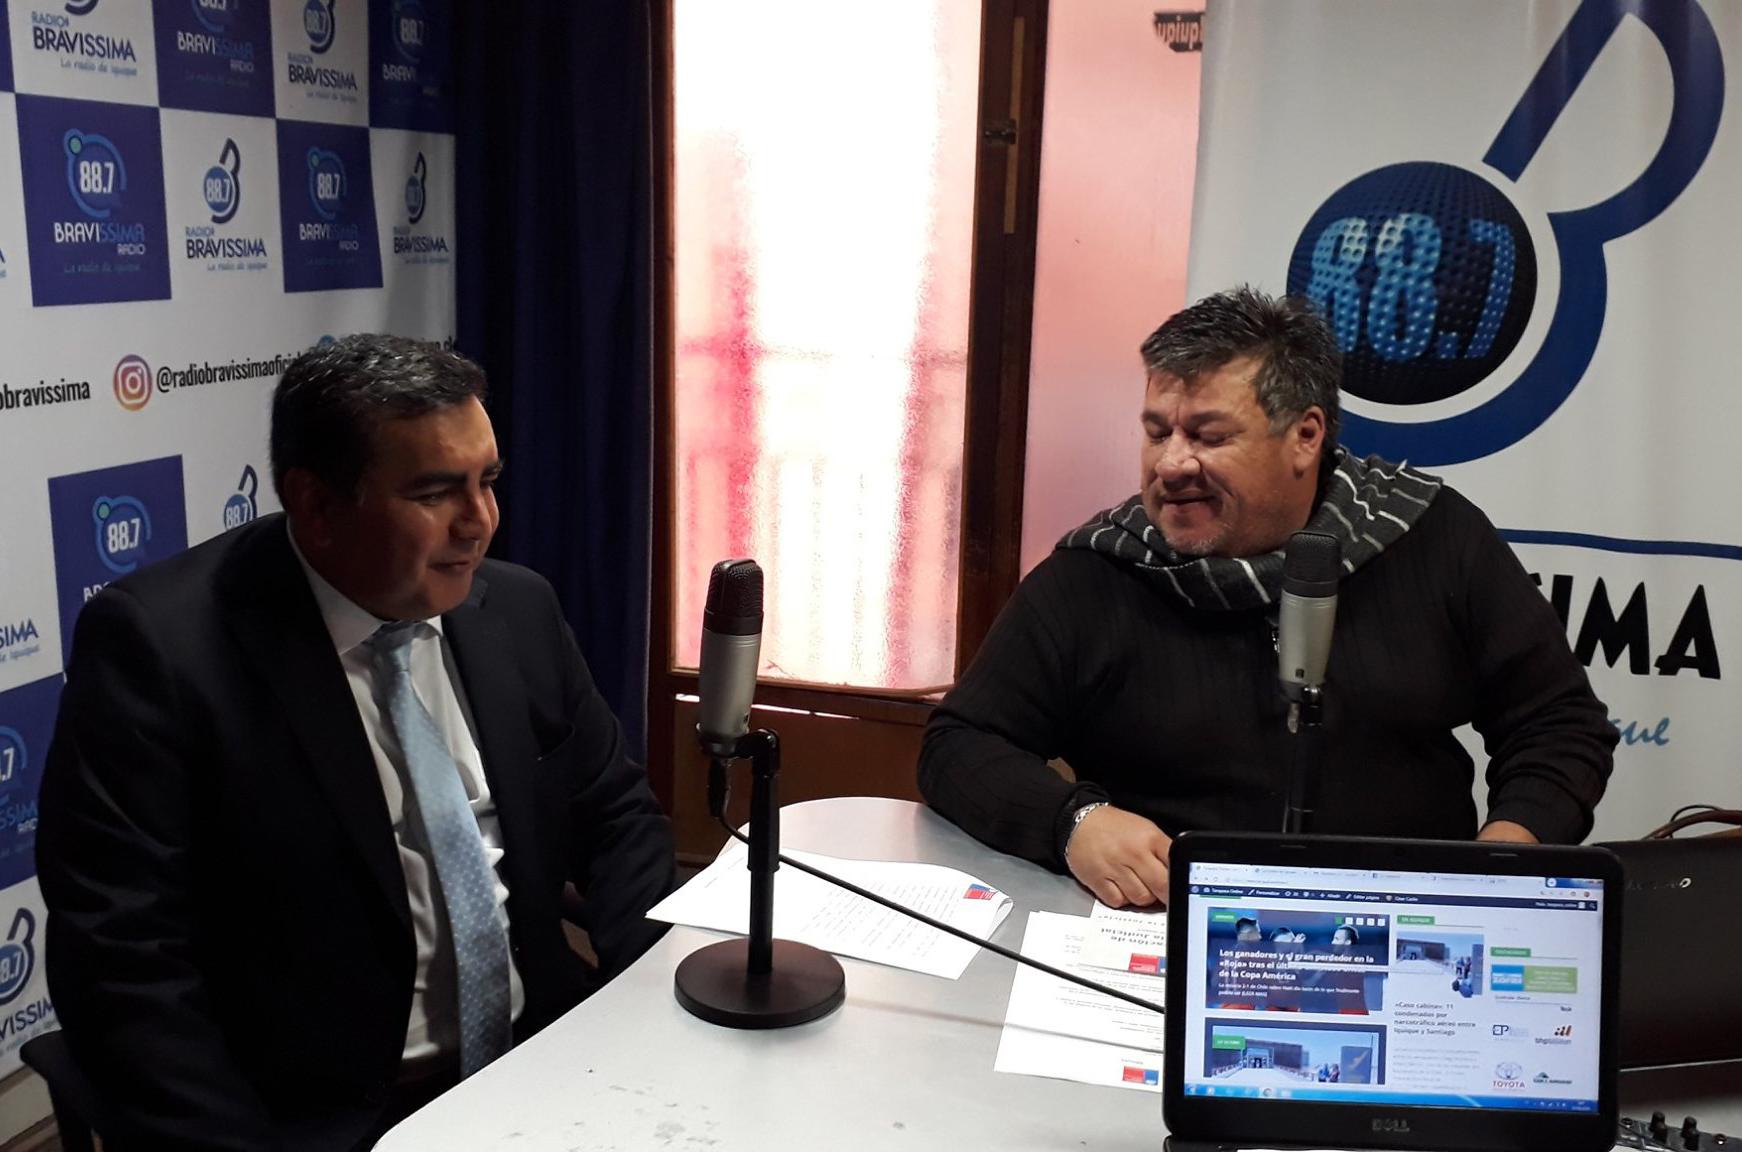 Oficina de Defensa Laboral de Tarapacá llega a Radio Bravissima